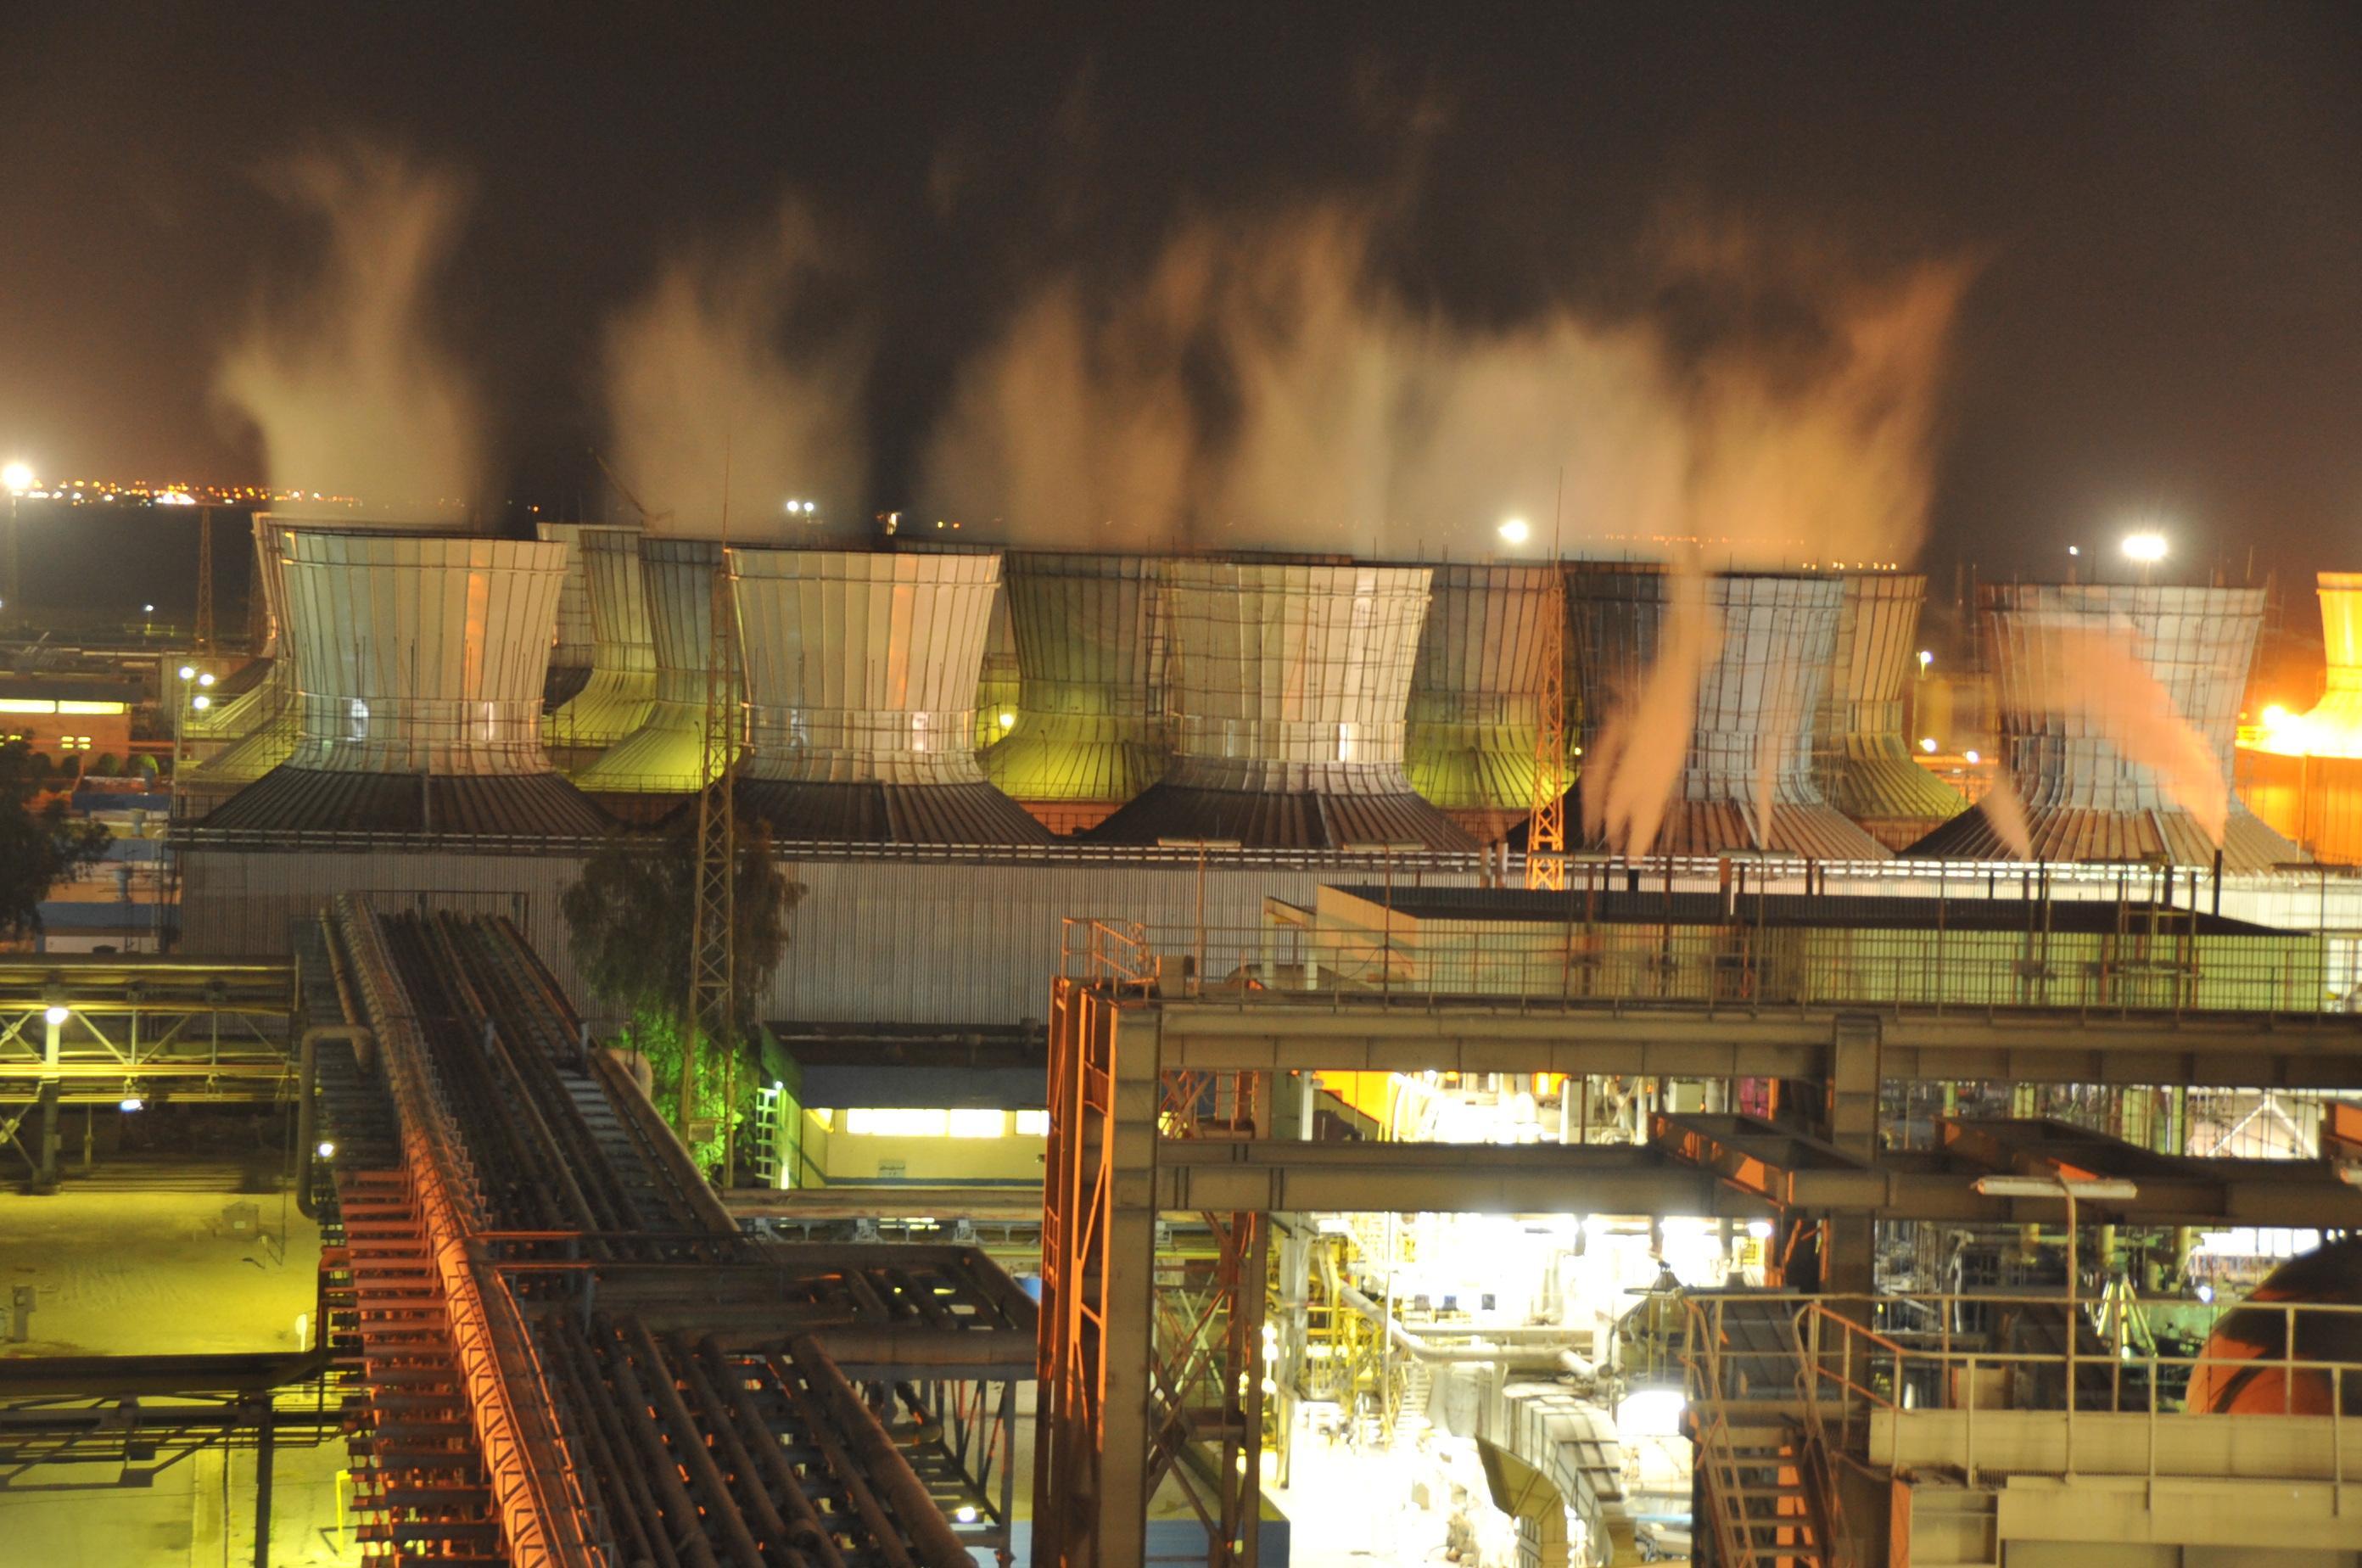 سوخت زمستانی نیروگاهها در کمیسیون انرژی